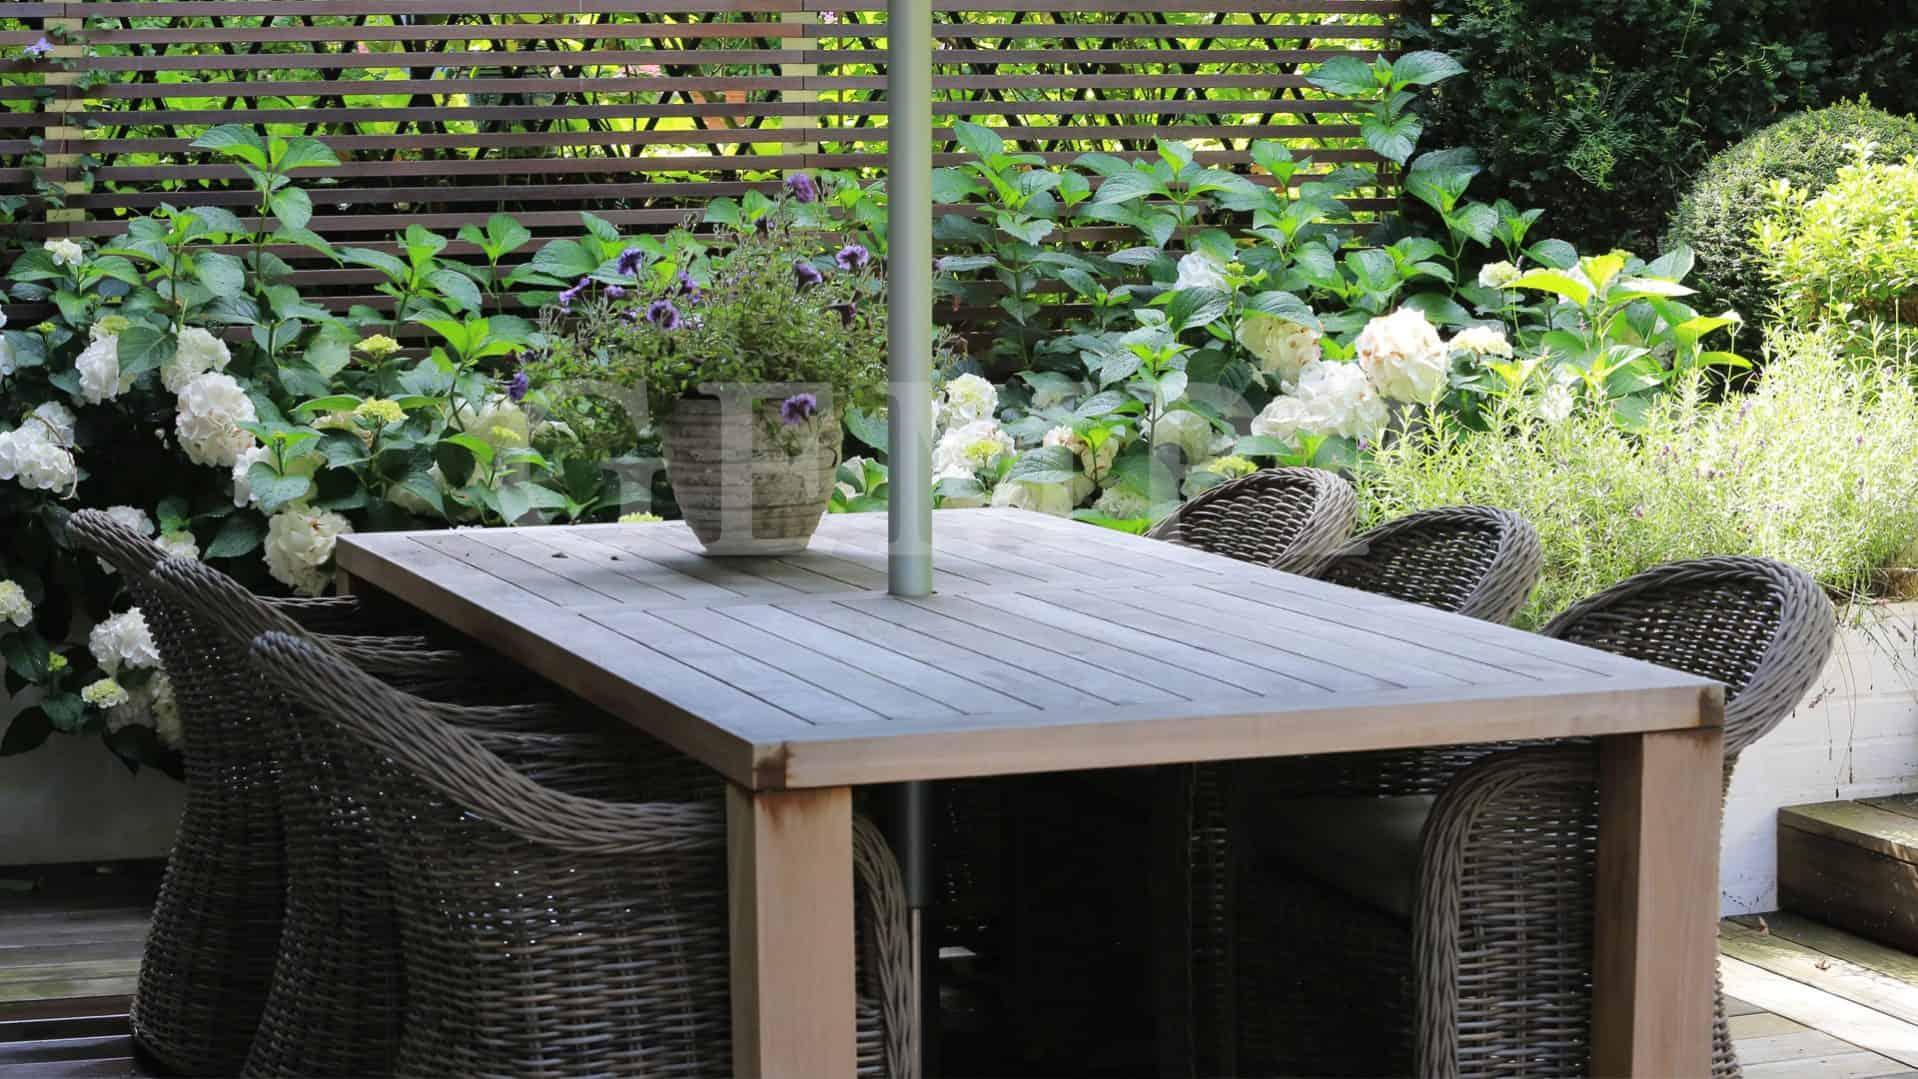 Villengarten Gartengestaltung für kleine Gärten